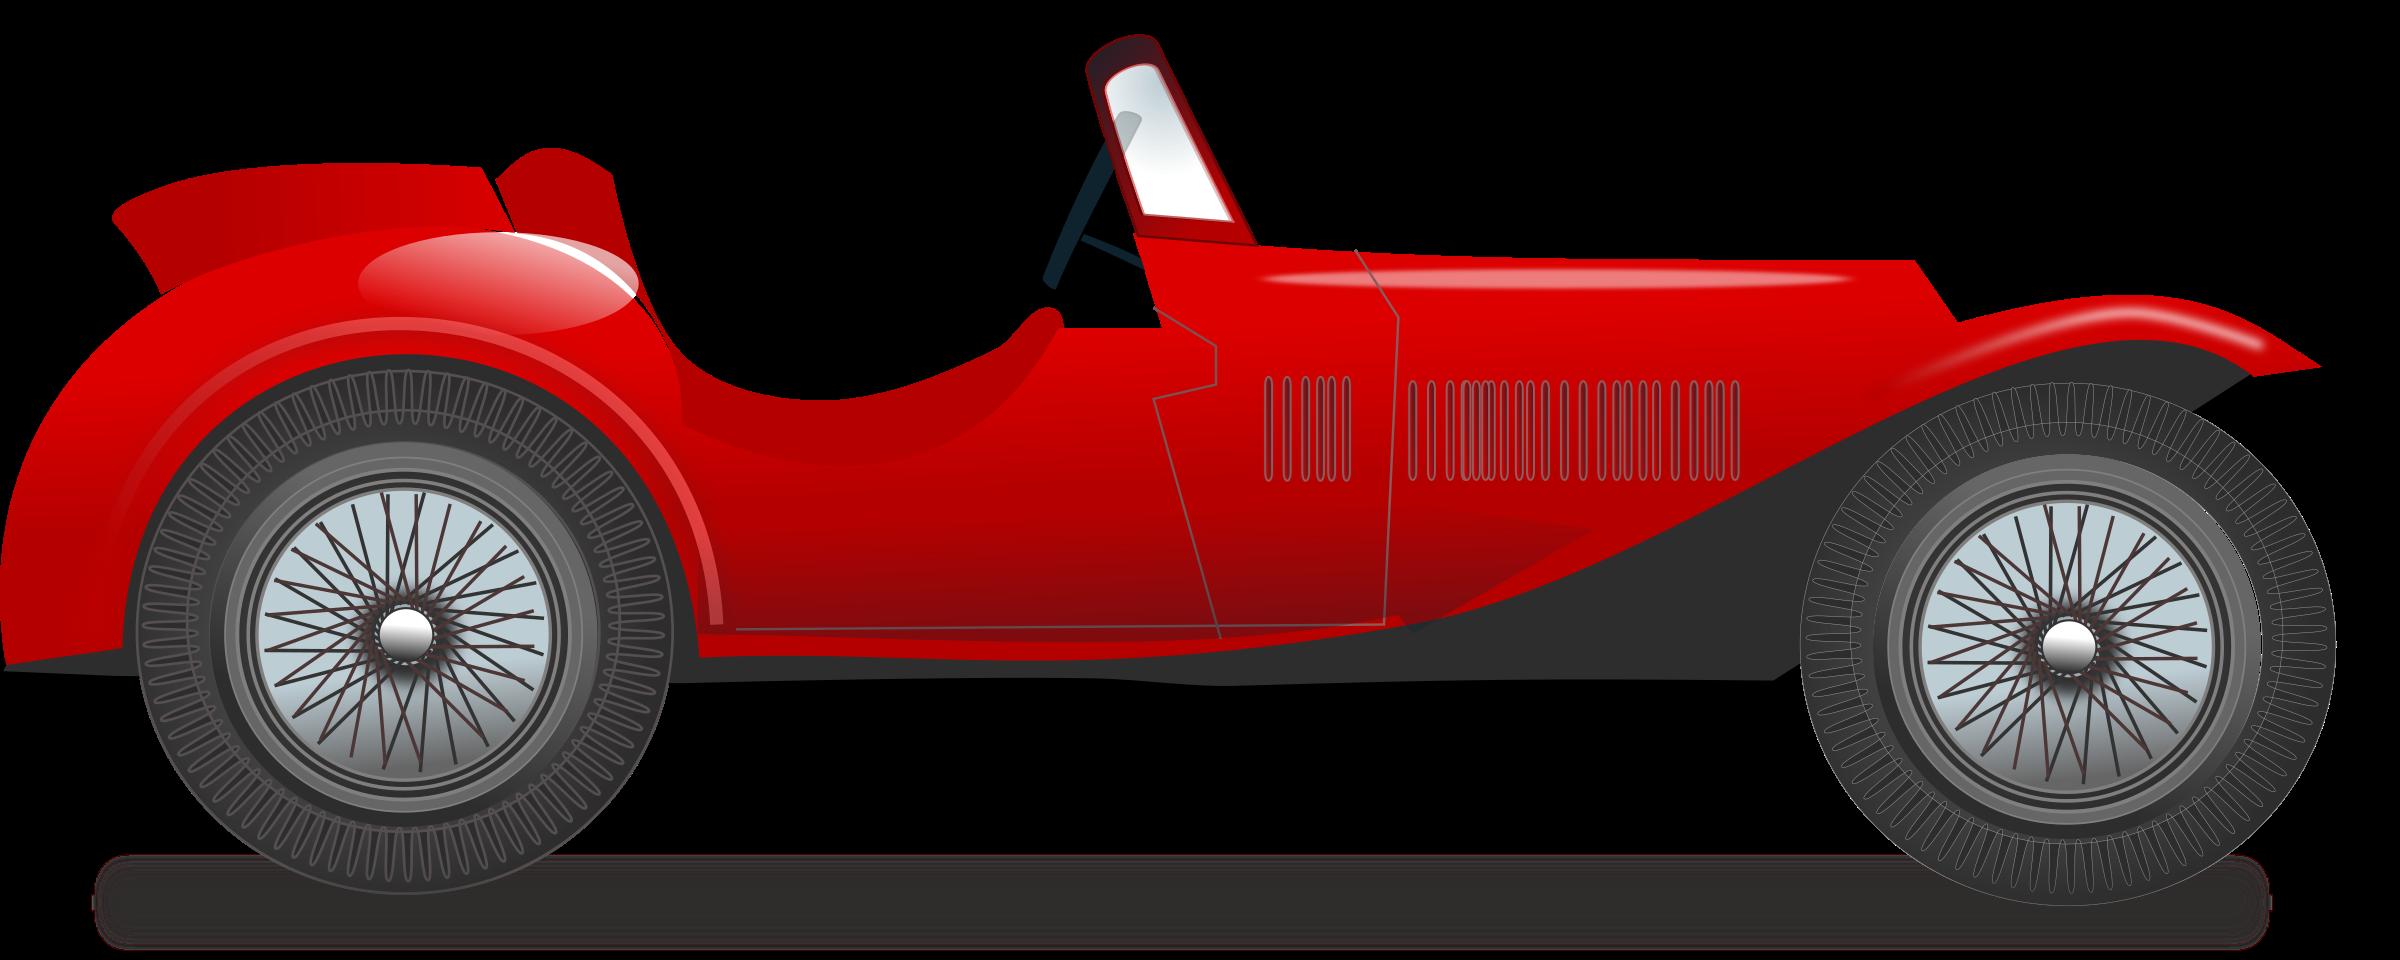 Classic Car clipart racing car Vintage race BIG Clipart car